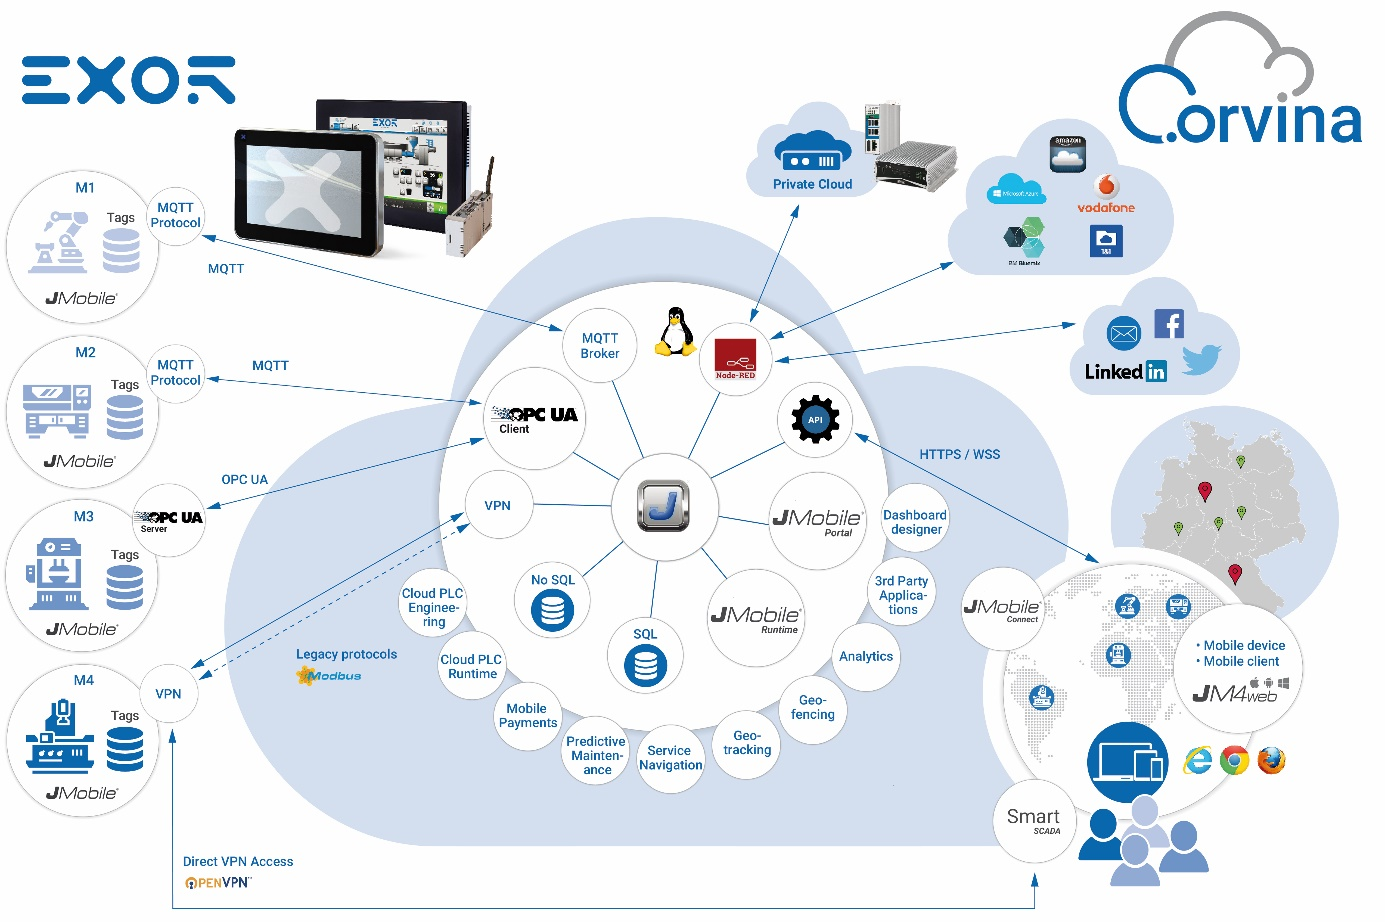 Grafik veranschaulicht die Anbindung von Maschinen und Anlagen in die Cloud der Corvina-Plattform.